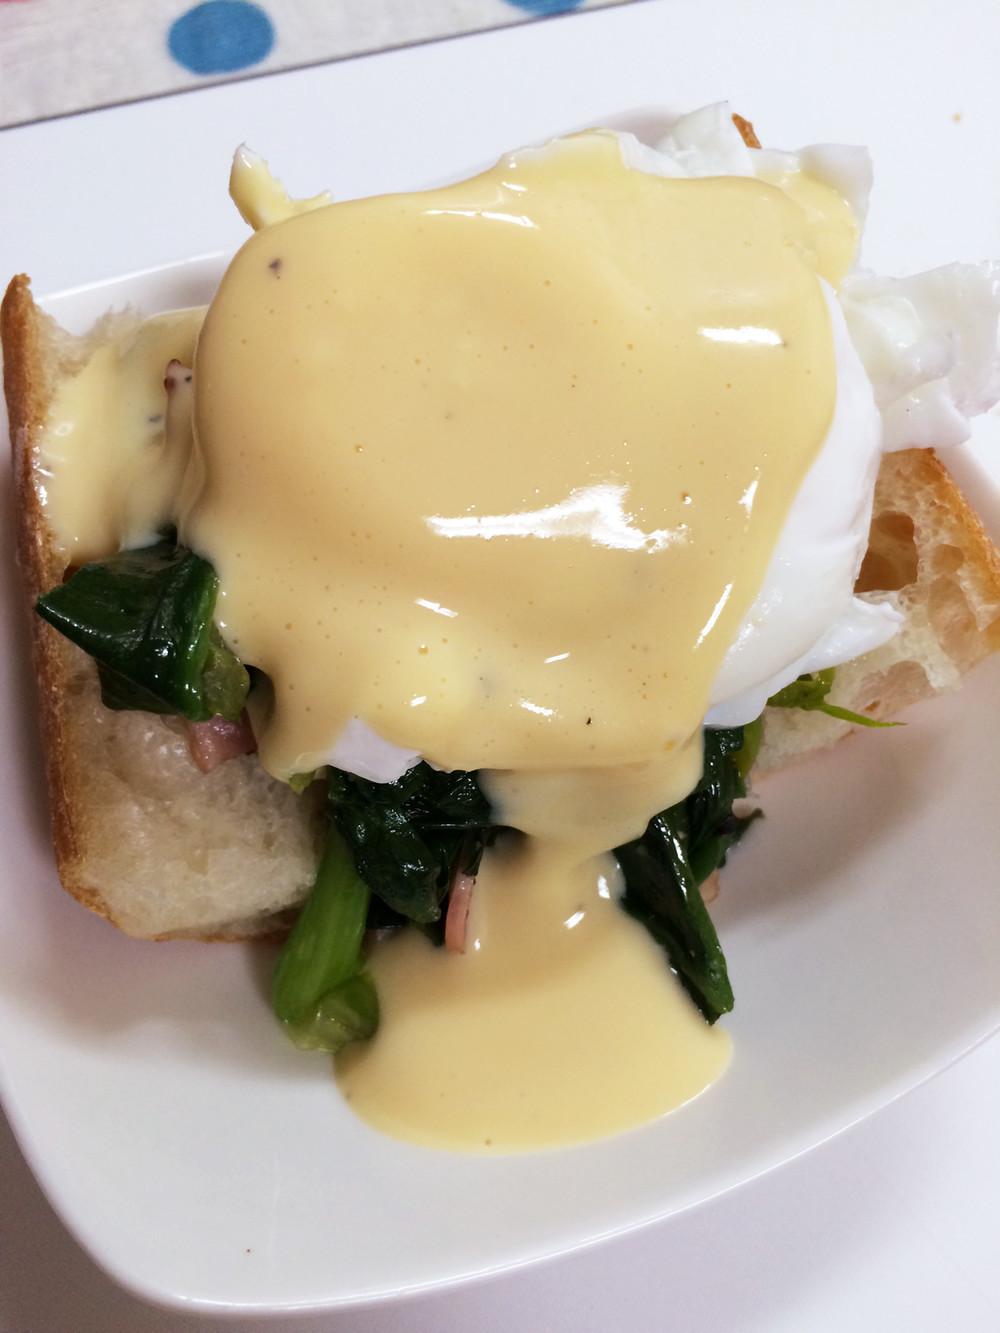 相性抜群!卵と豆腐のなめらかさを活かした美味しい簡単レシピのサムネイル画像